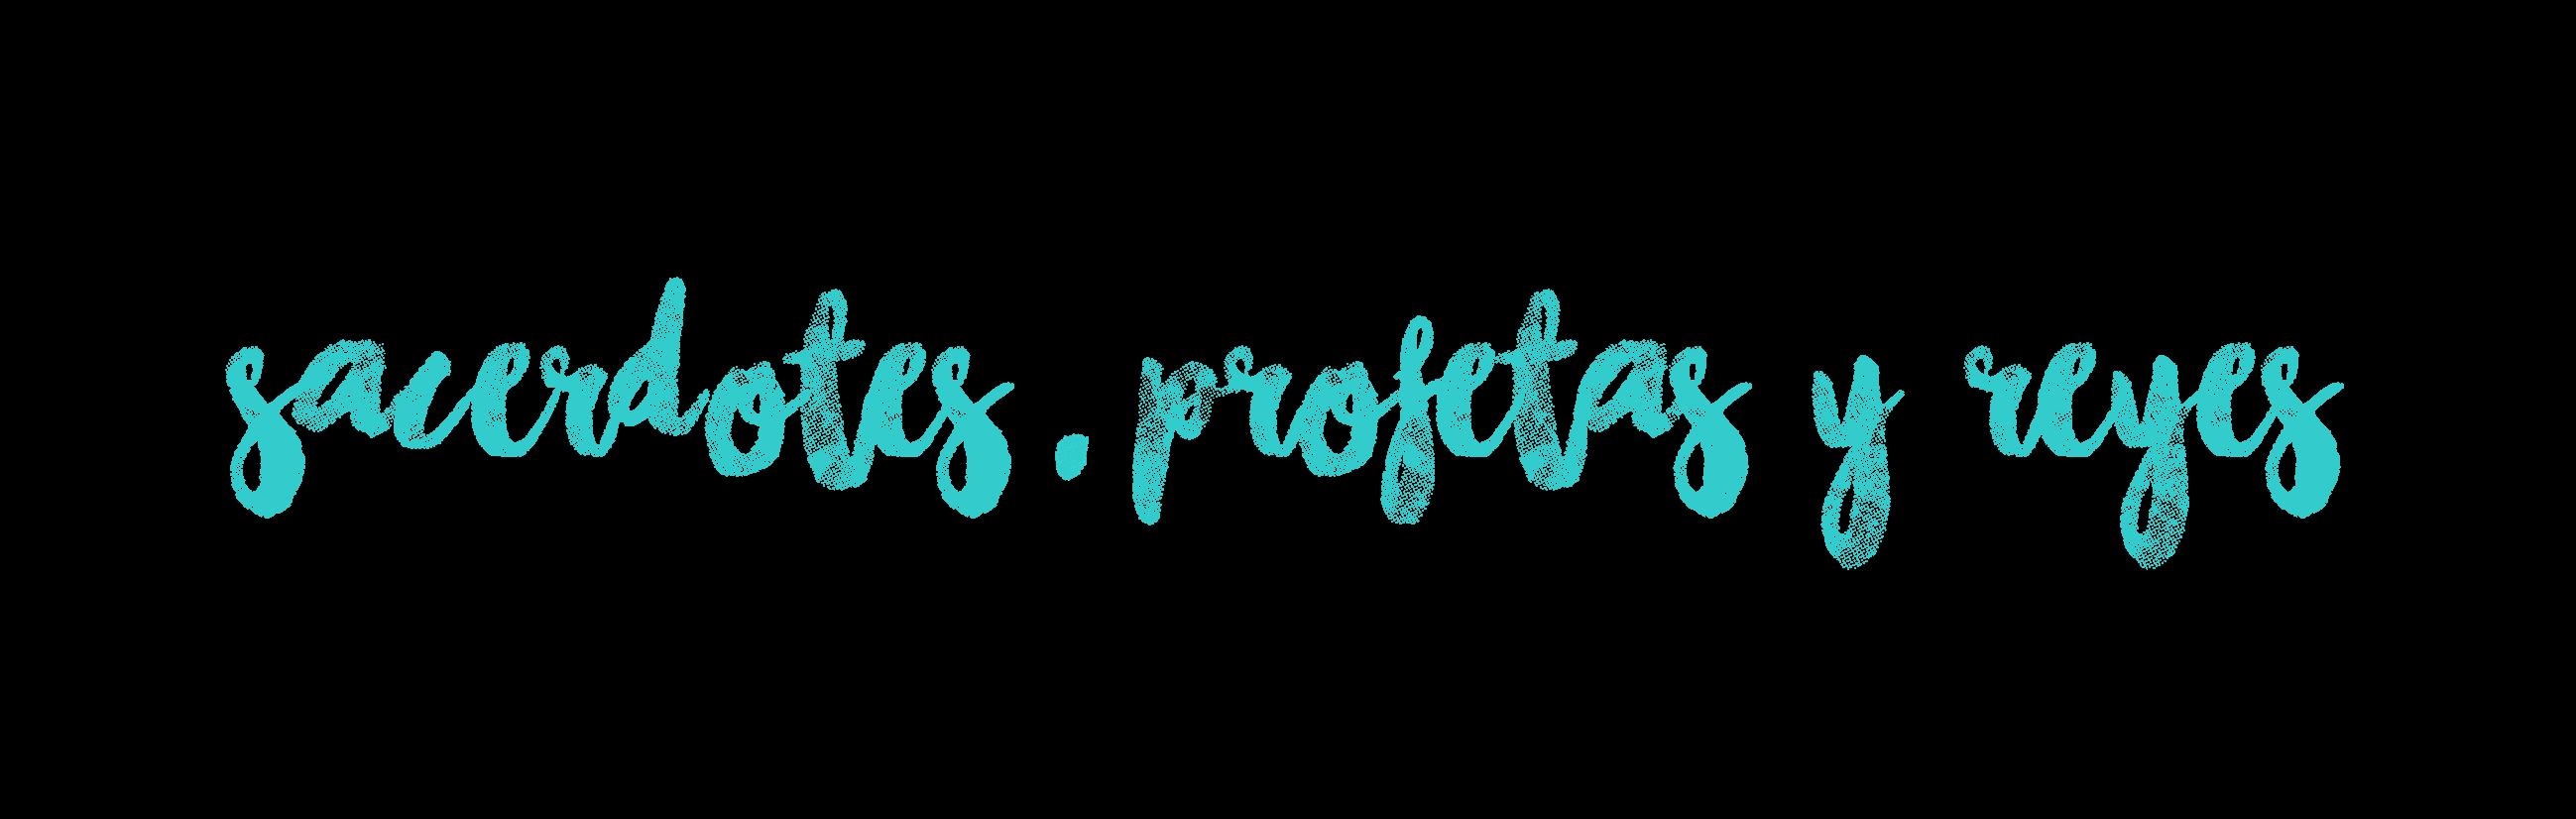 Sacerdotes, profetas y reyes